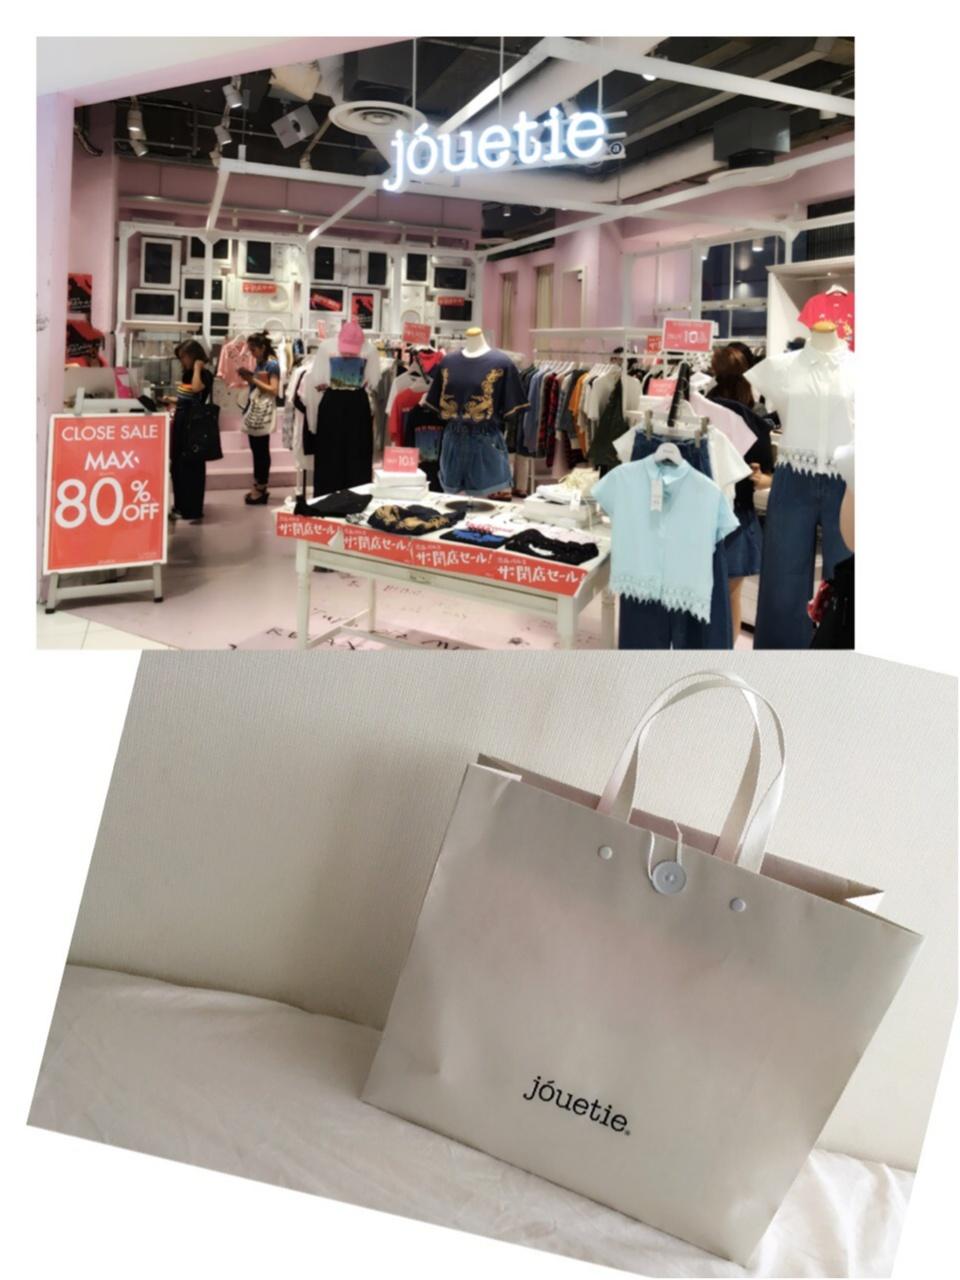 ♡夏のセール戦利品【半額以下商品いっぱいの渋谷PARCO閉店SALE】さらに値引きでget♡モアハピ◡̈のぞみ♡_9